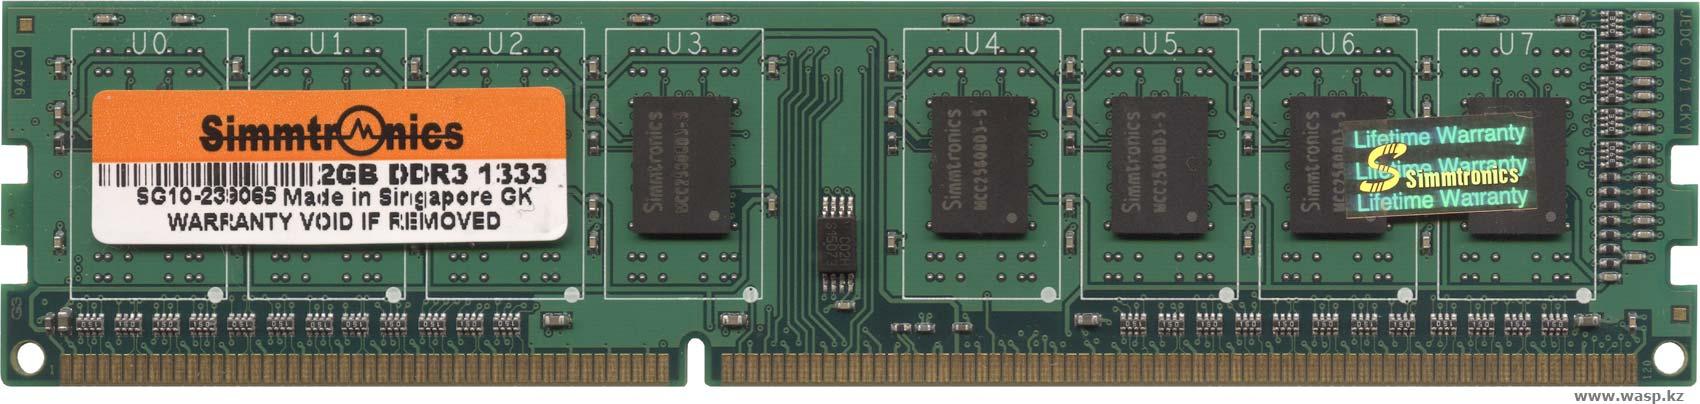 Simmtronics DDR3 2 GB 1333 MHz